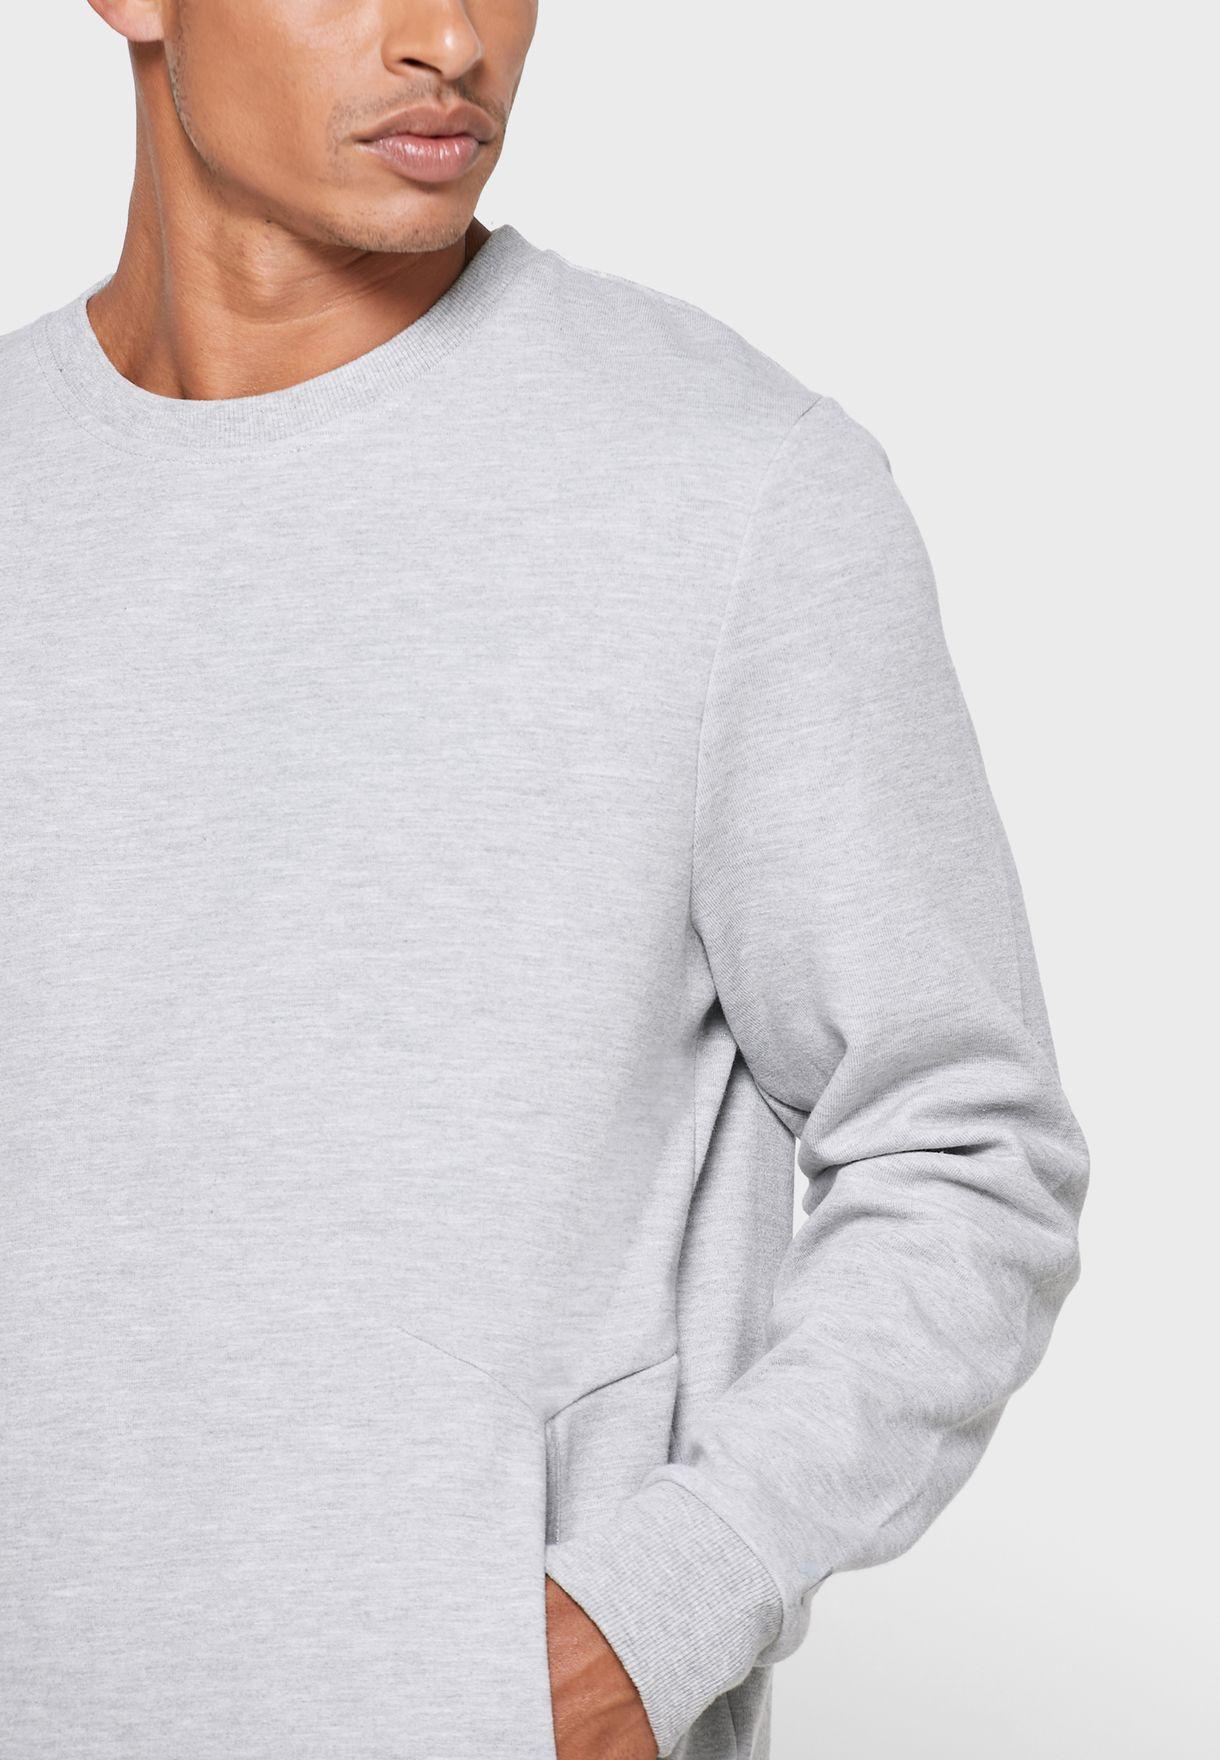 Coar Performance Sweatshirt